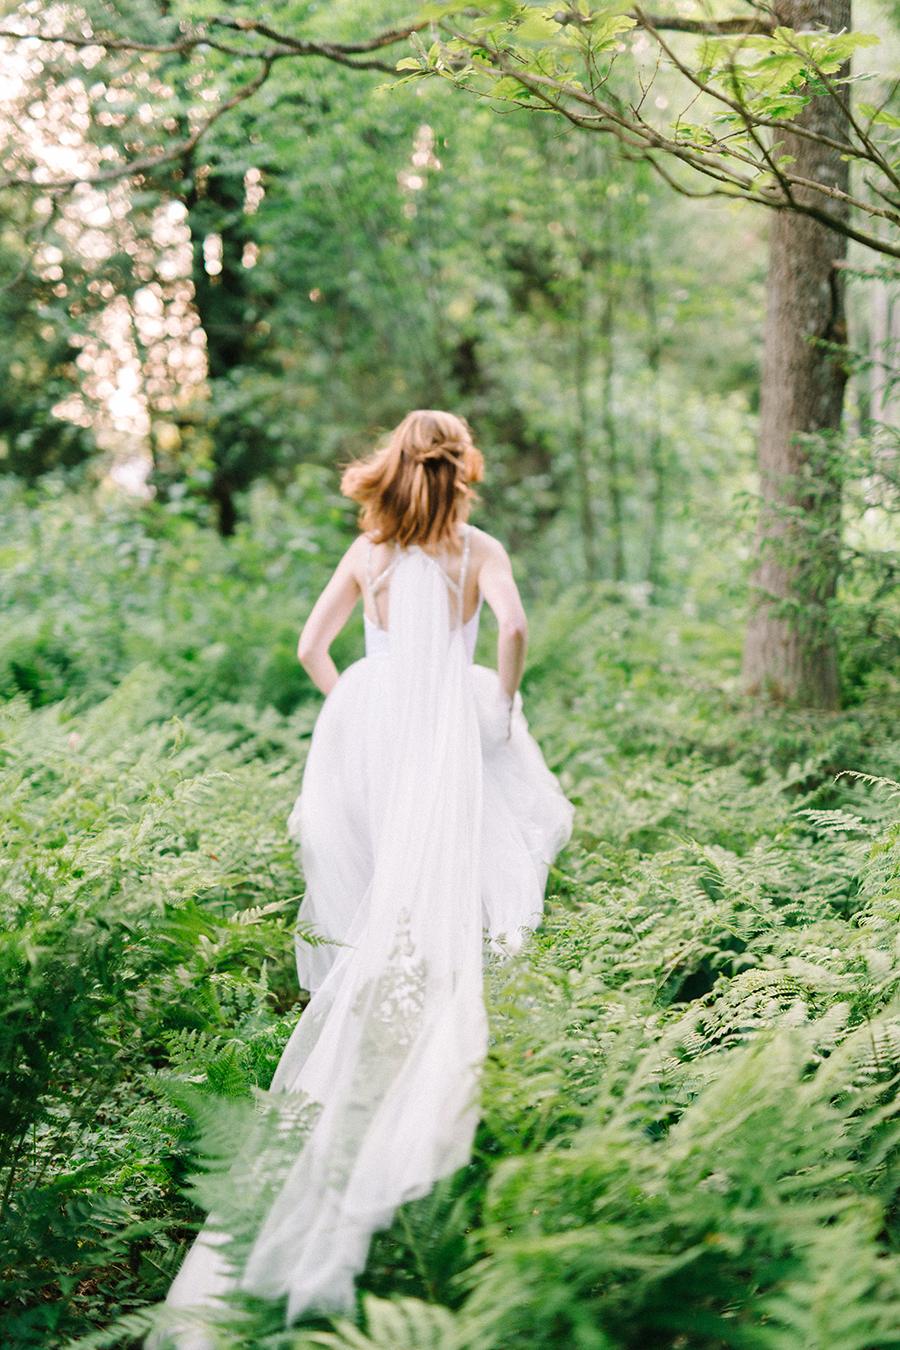 Woodsy Bridal Boudoir Morsian Huomenlahjakuvaus (6).jpg